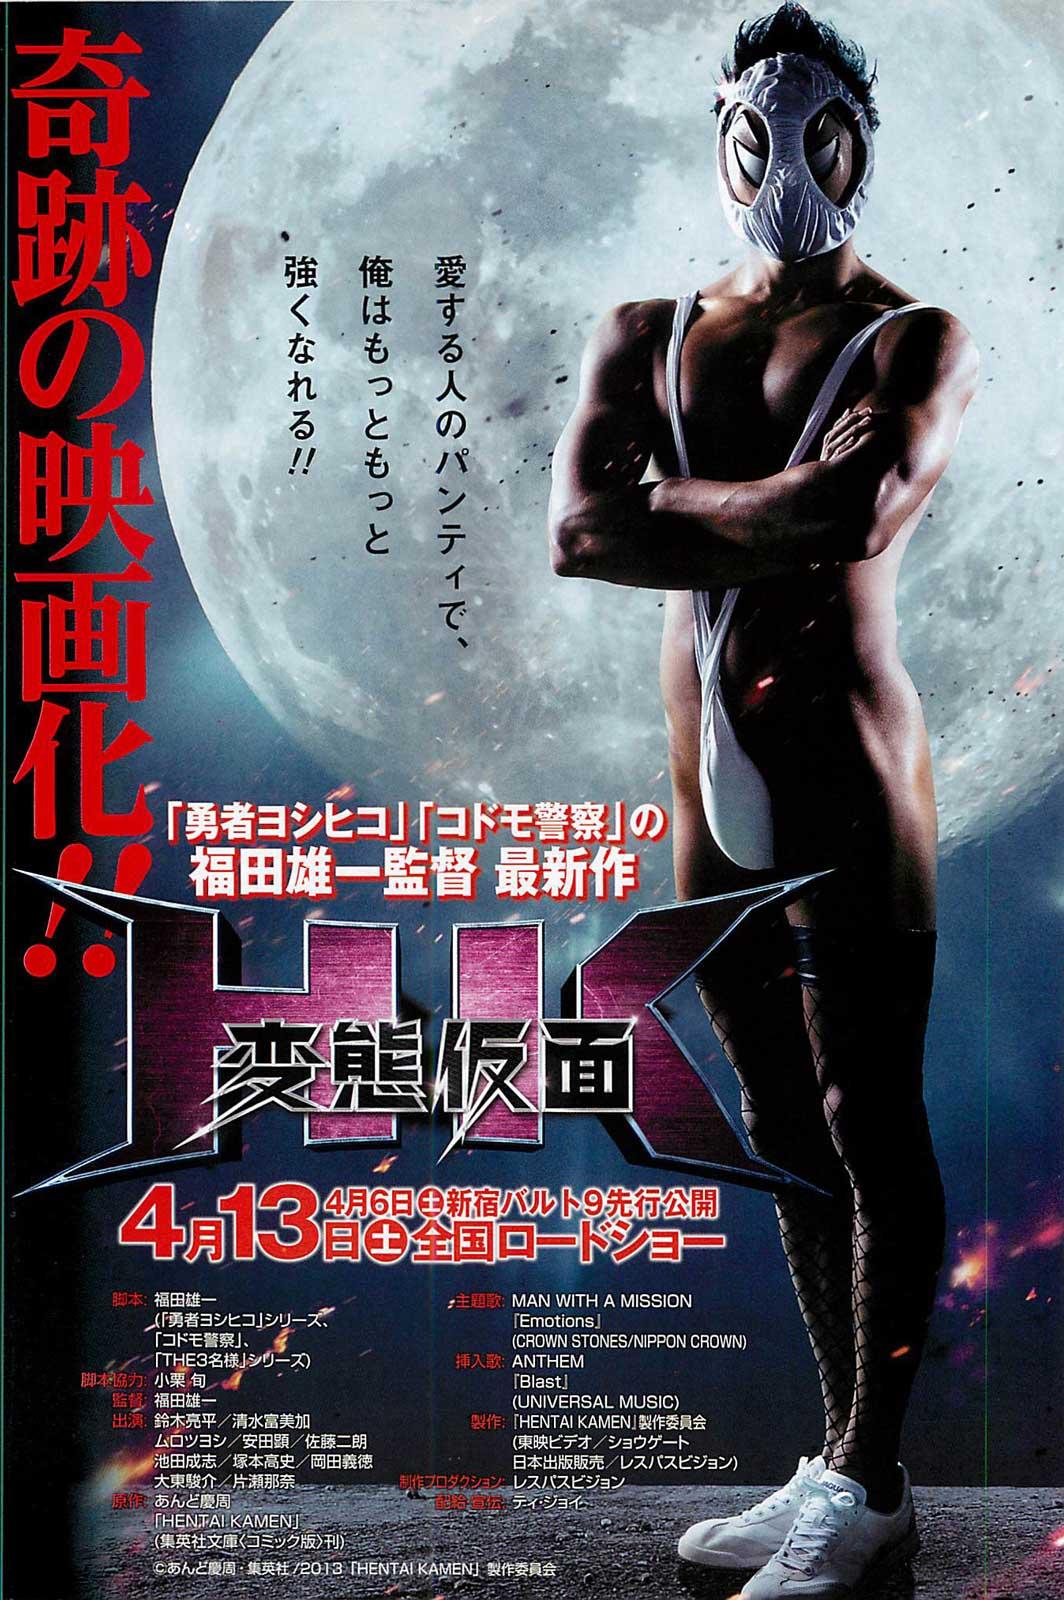 HK: Hentai Kamen เทพบุตร หลุดโลก (ซับไทย)